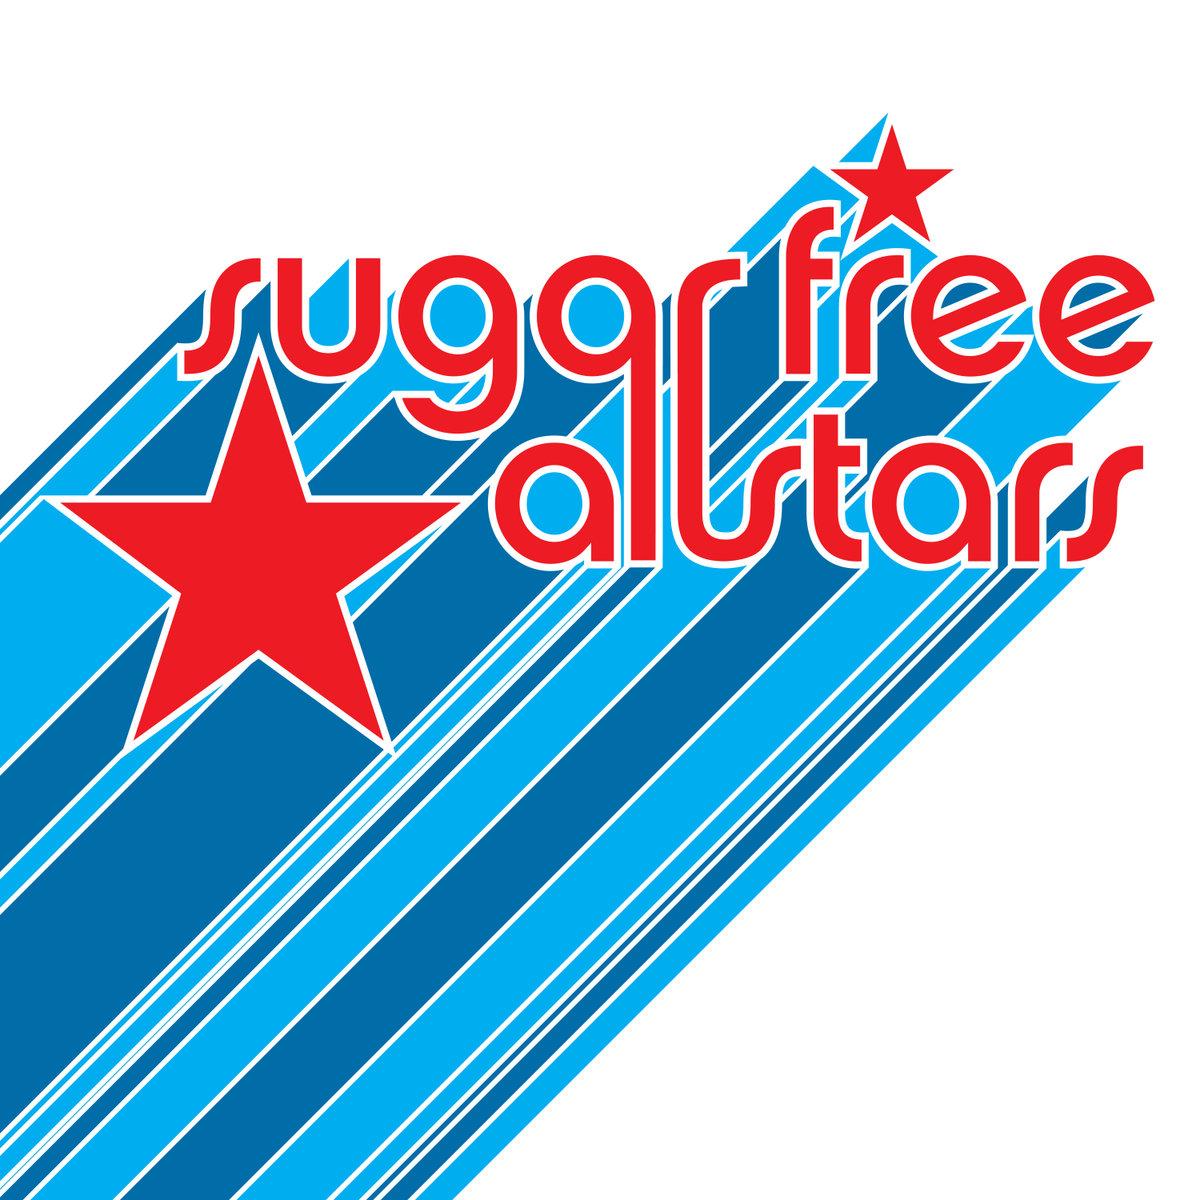 Sugar free allstars negle Image collections